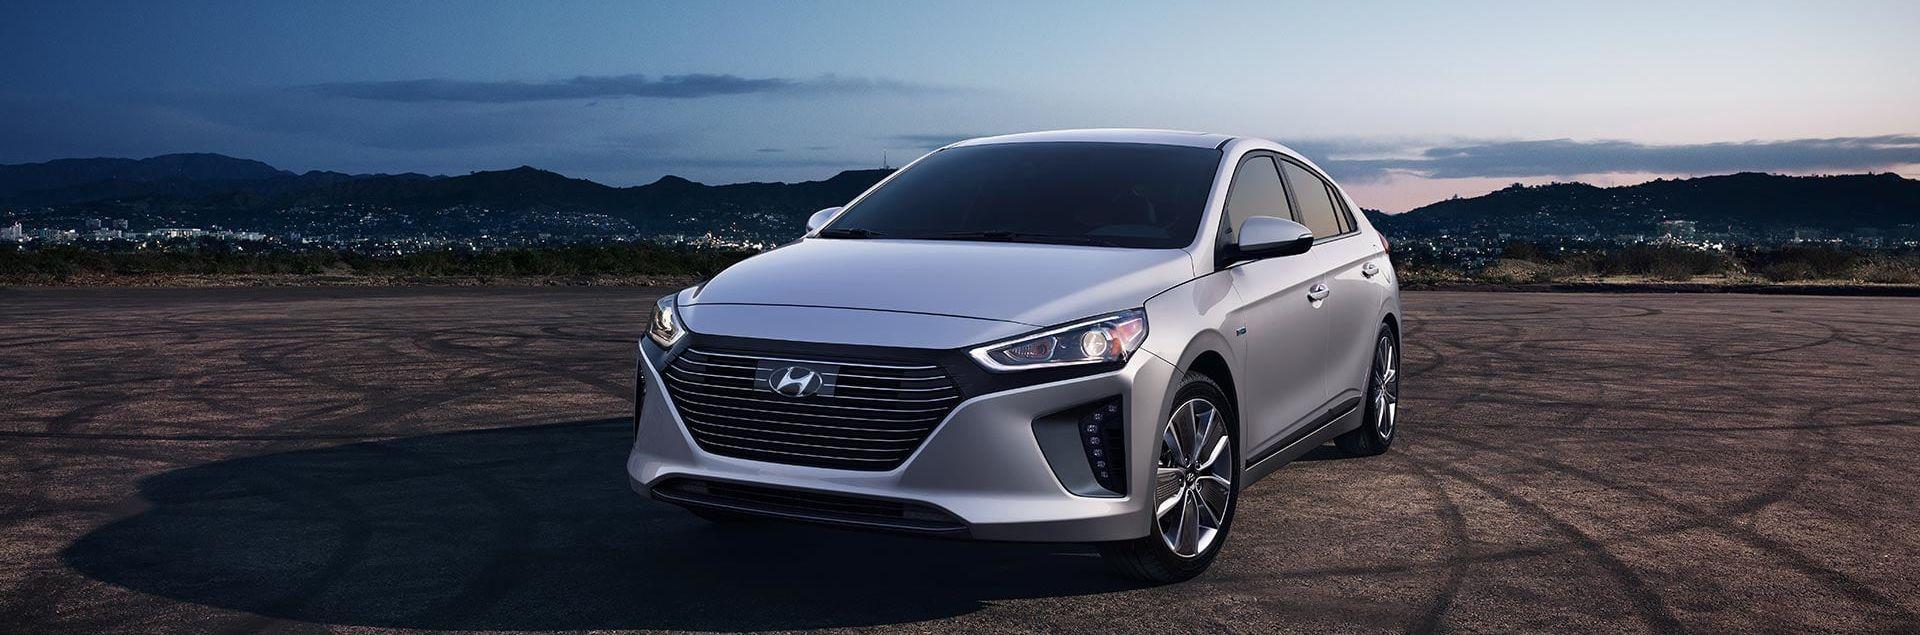 2018 Hyundai Ioniq Hybrid Leasing near Stafford, VA